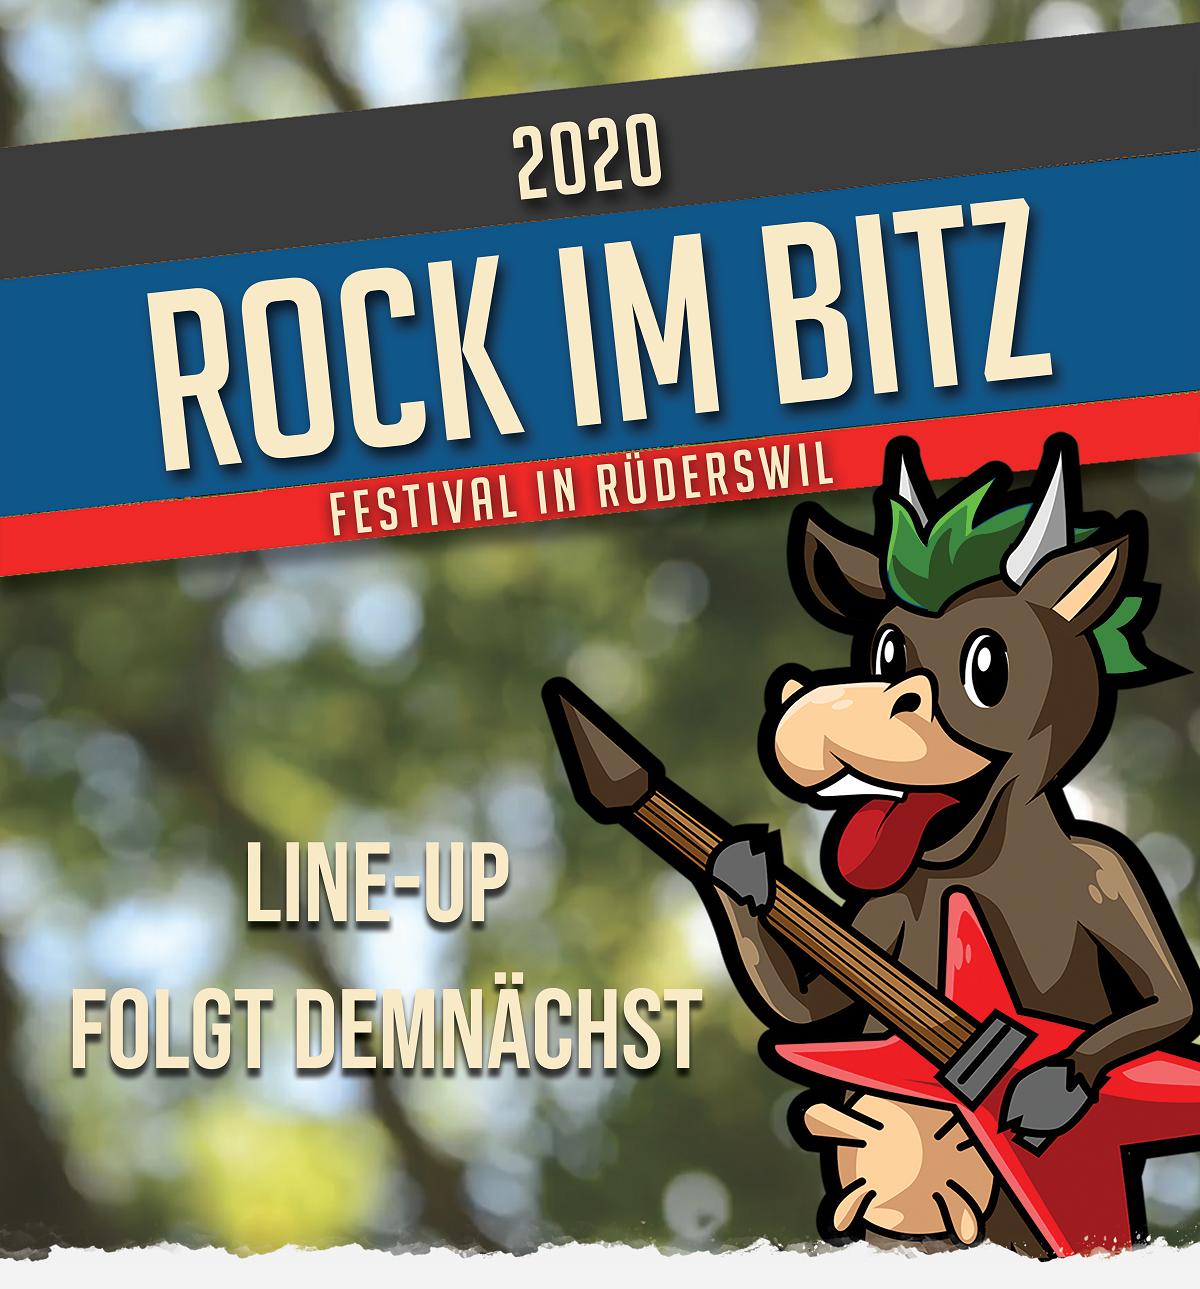 Rock im Bitz Flyer_2020